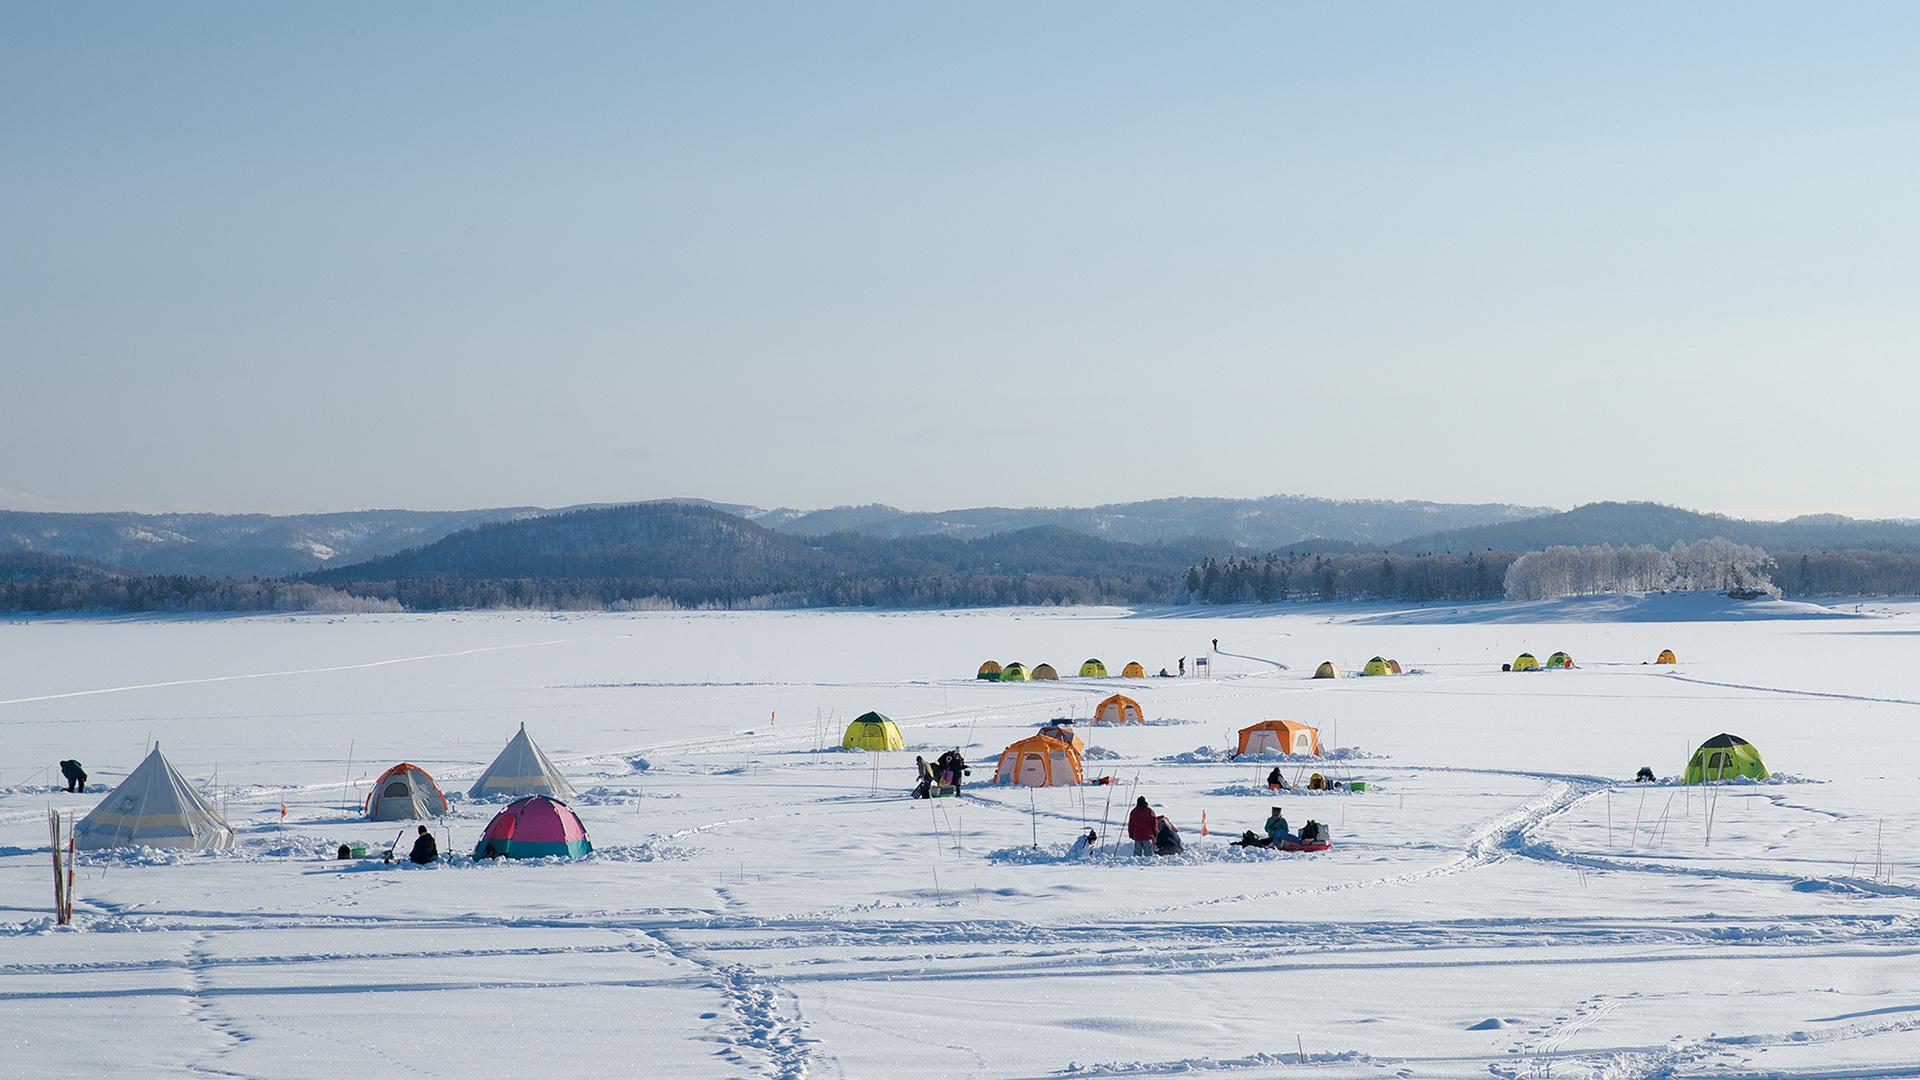 朱鞠内湖氷上ワカサギ釣り